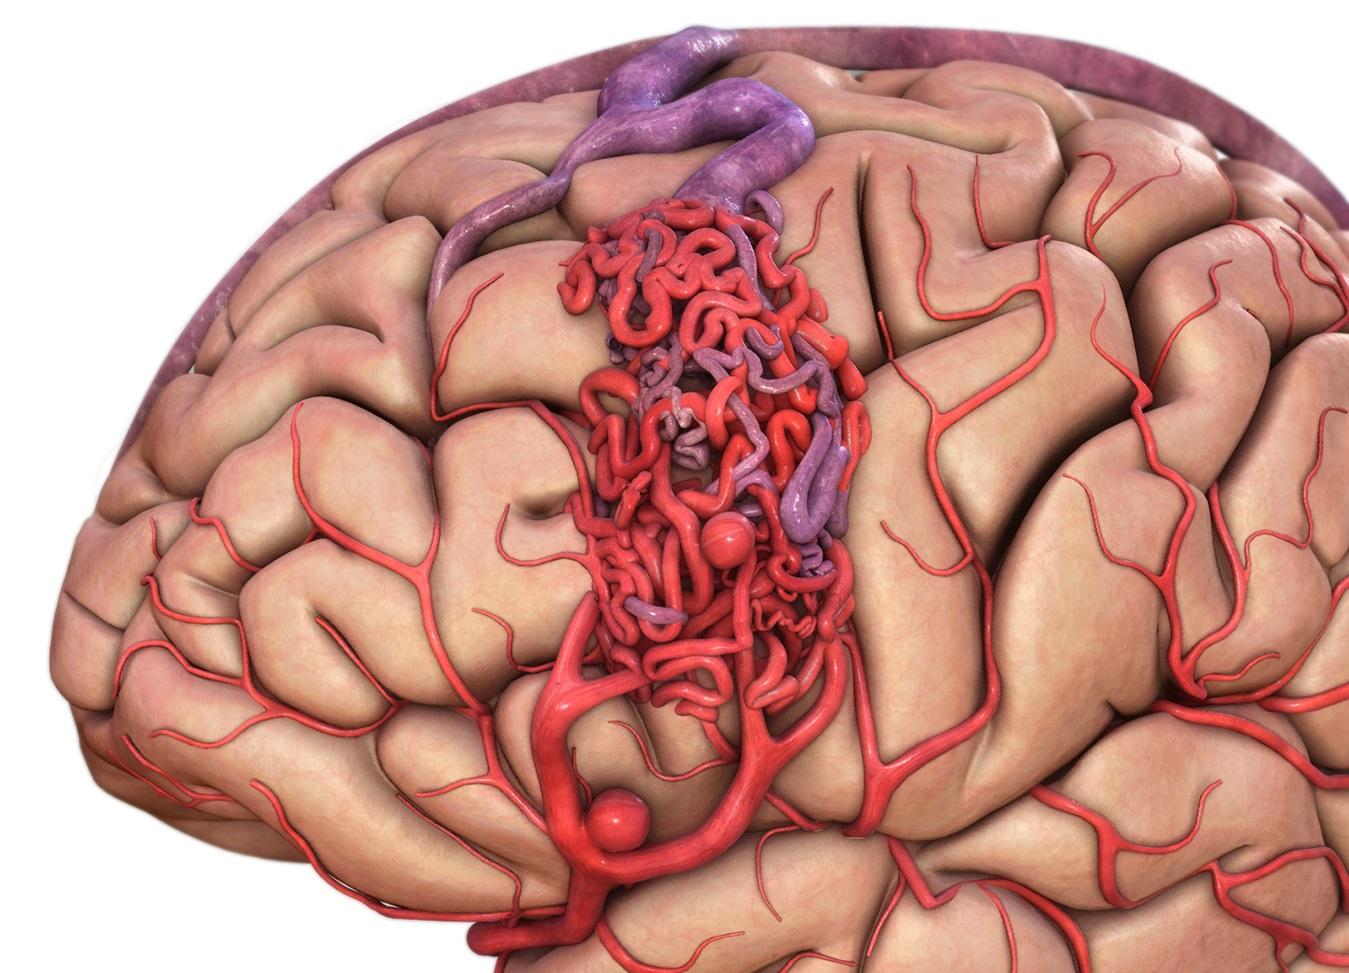 Церебральная венозная дисгемия